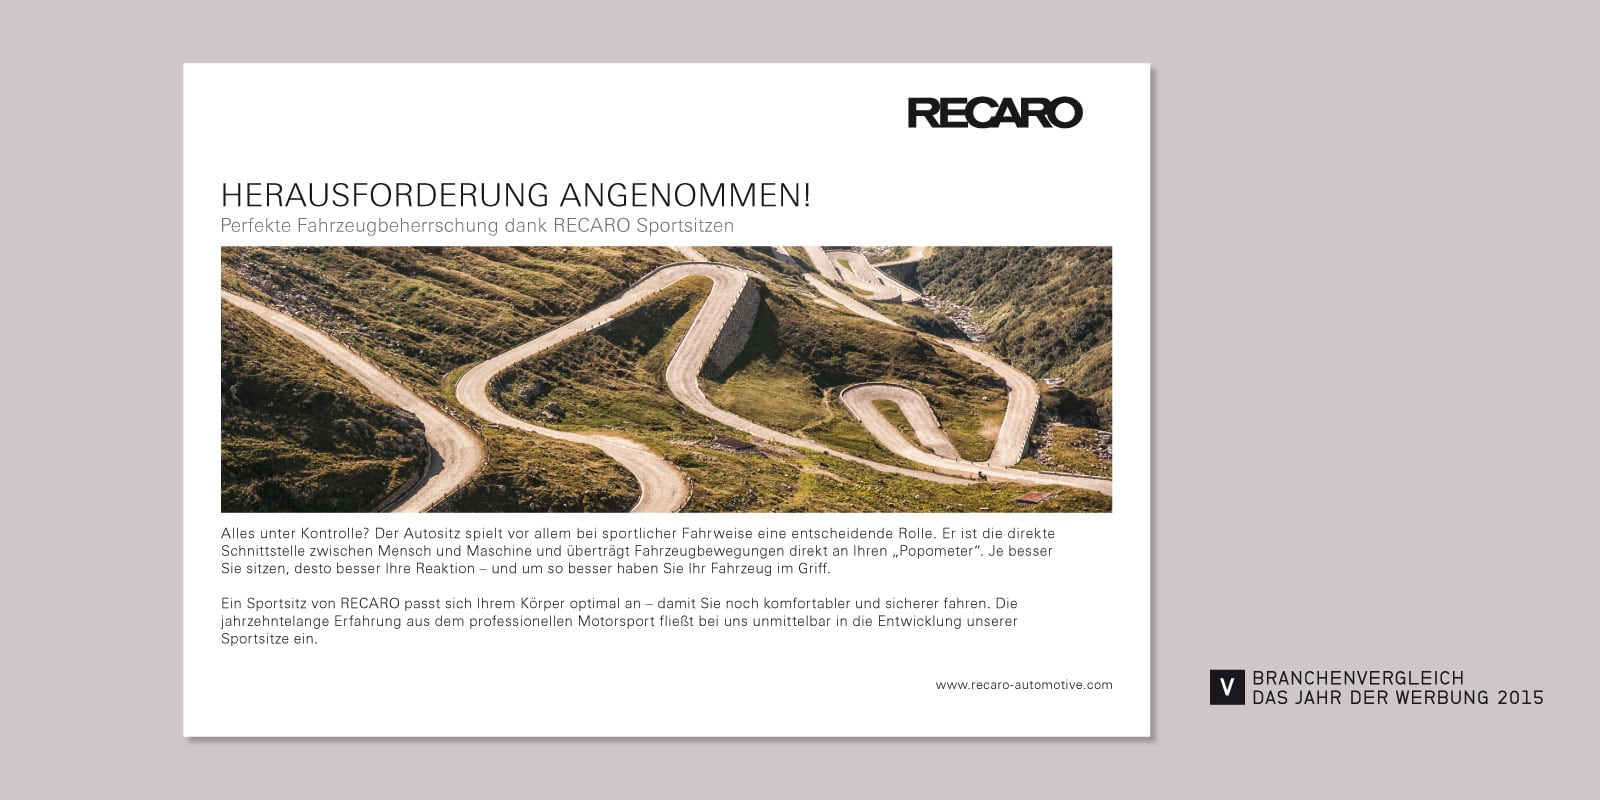 RECARO – Anzeige: Herausforderung angenommen